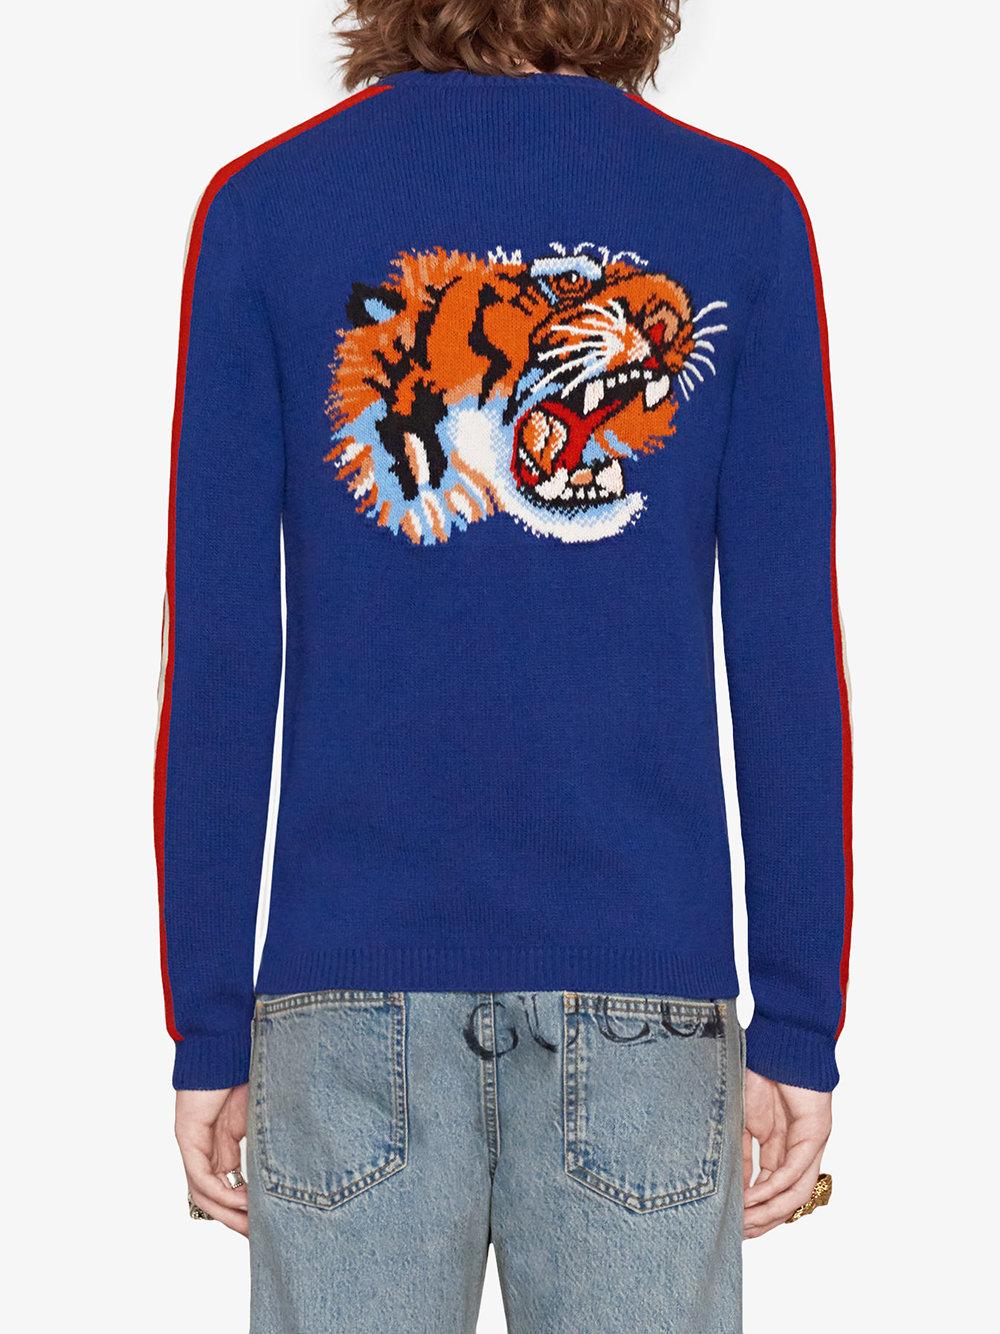 maglione in lana pesante blu con ricambo Blind for Love e tigre sulle spalle GUCCI   Maglieria Moda   496686-X9I824166